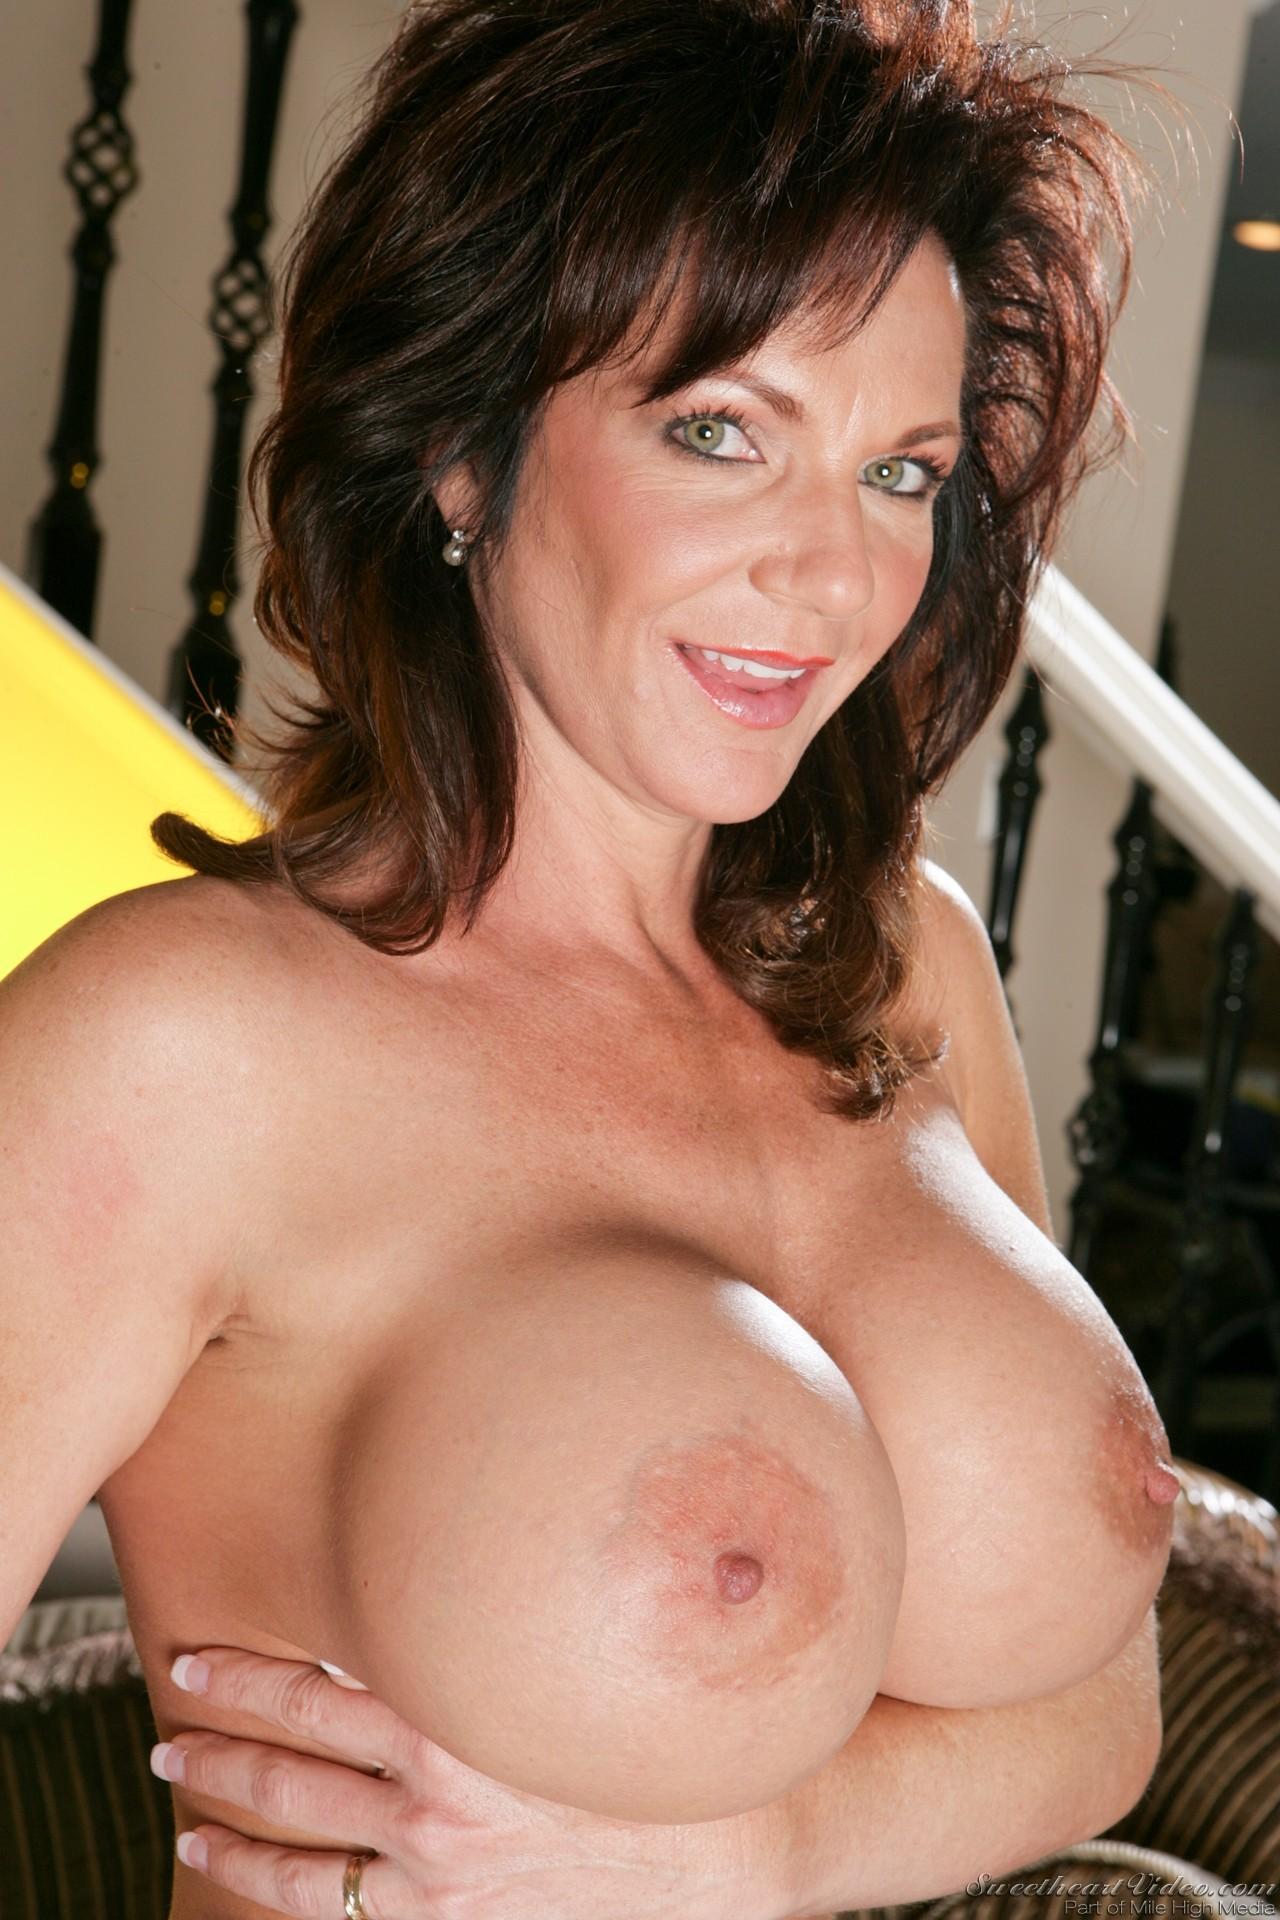 Xxx deauxma moms naked pics